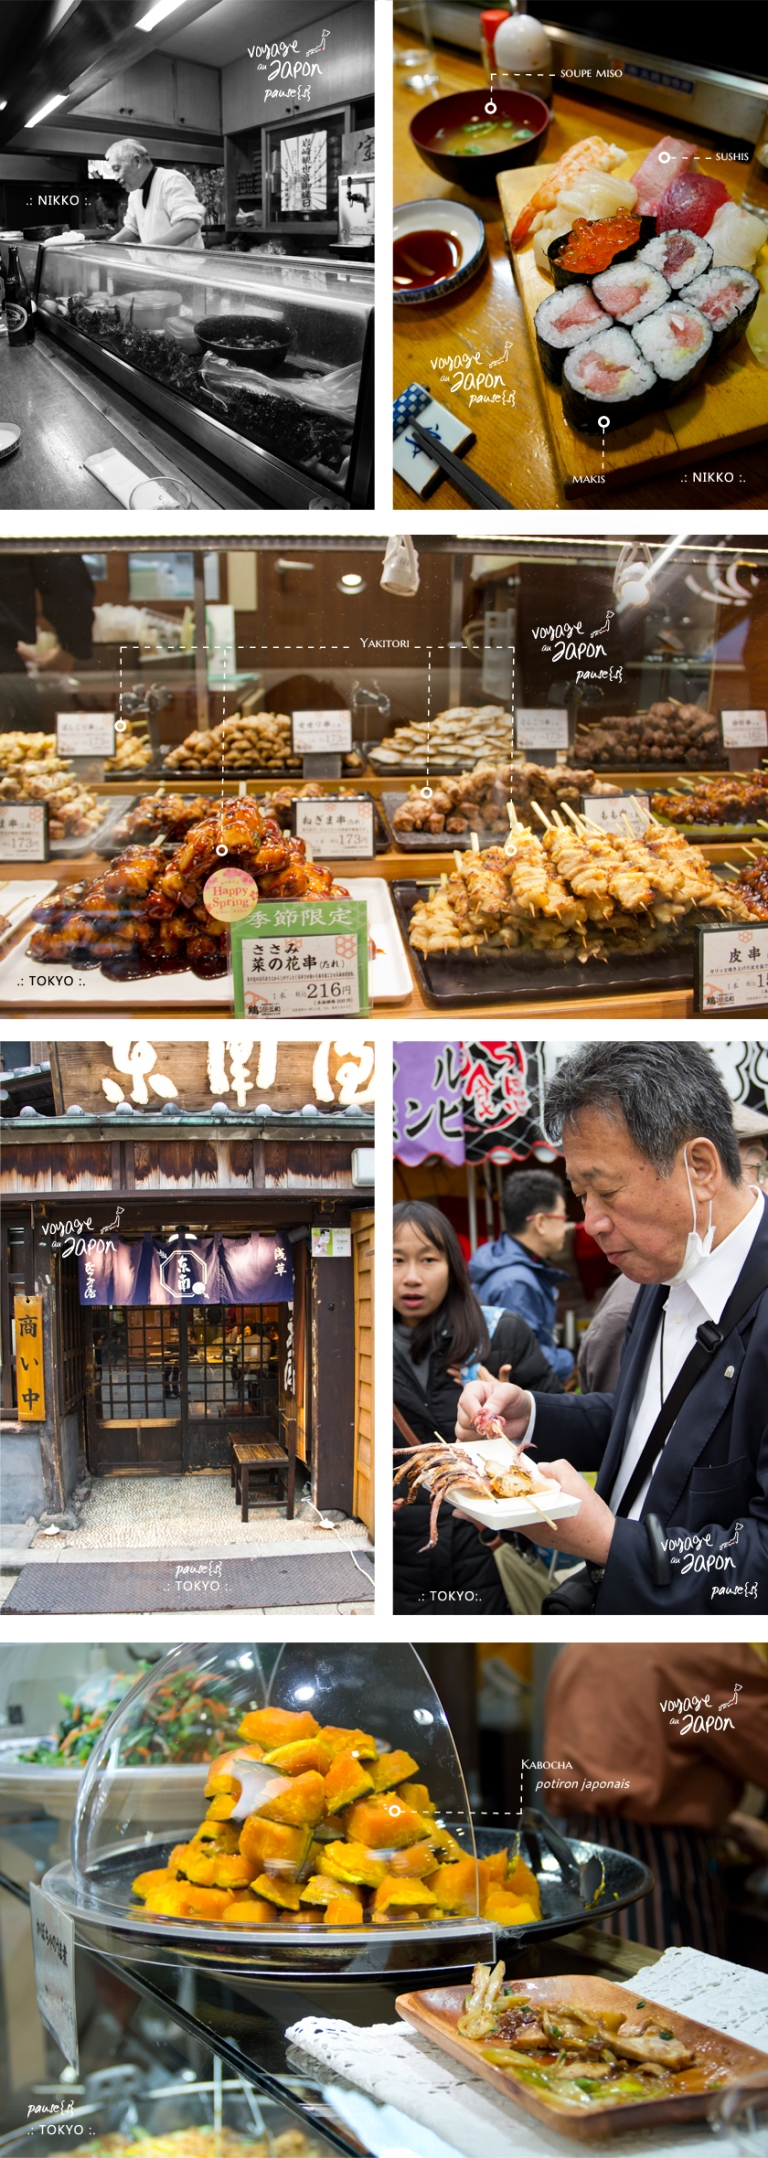 japanfood-3